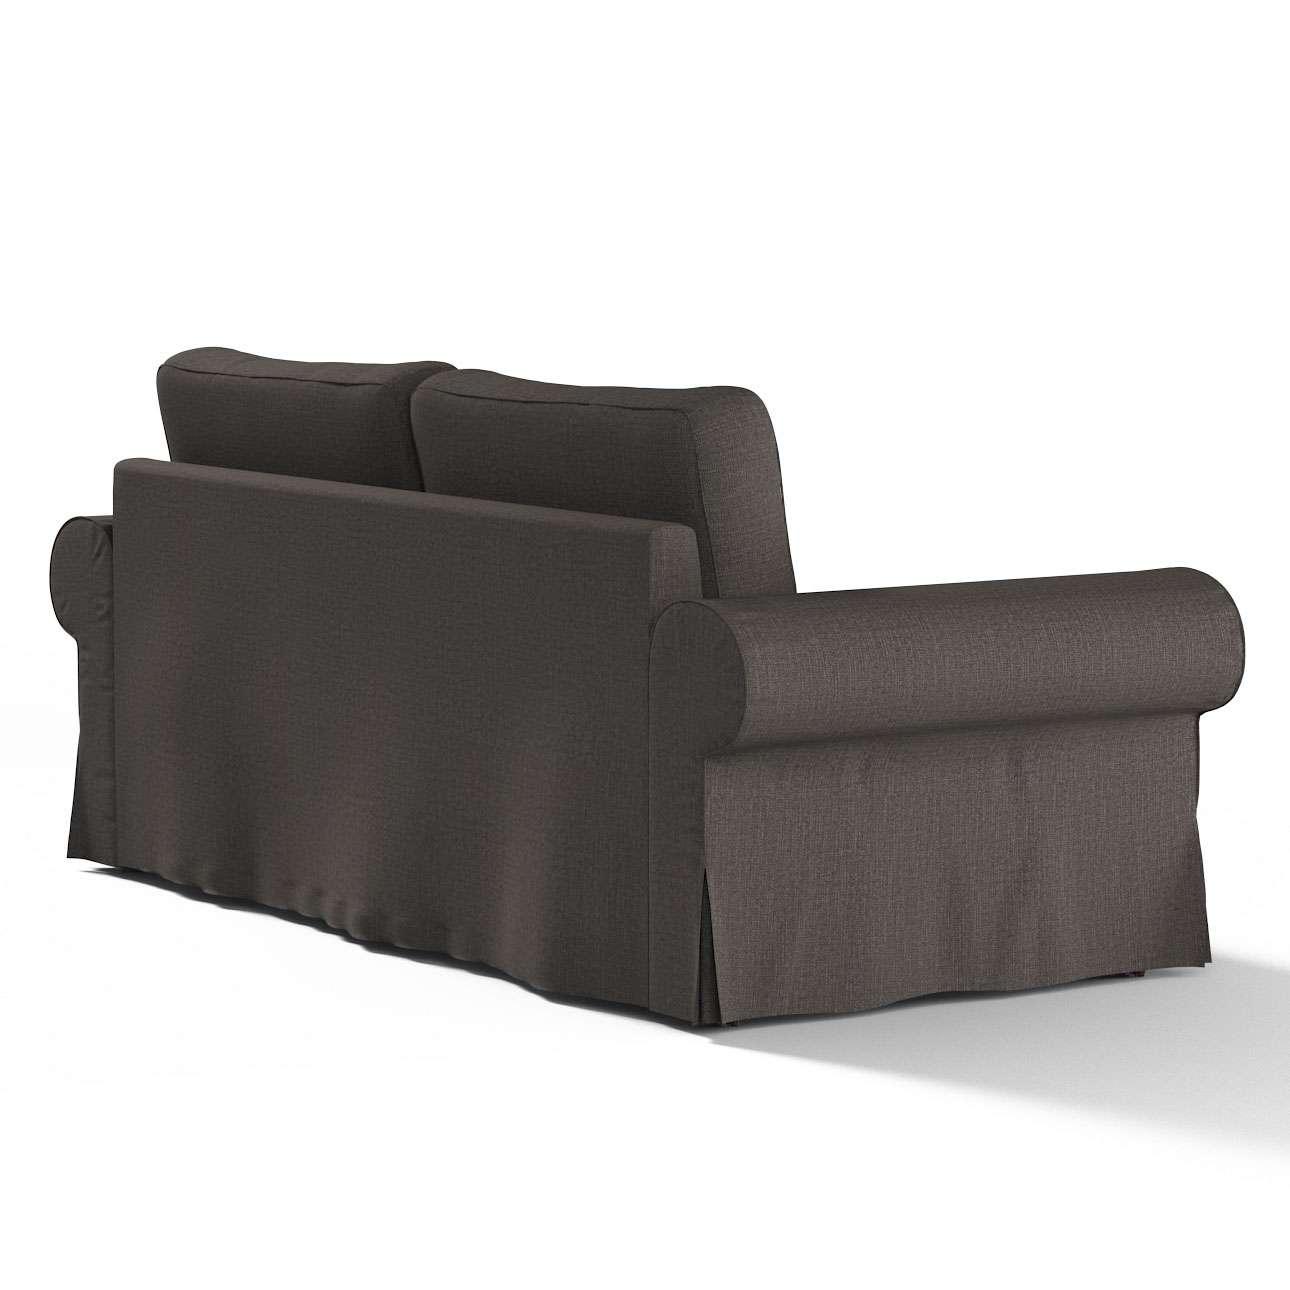 Pokrowiec na sofę Backabro 3-osobową rozkładaną sofa Backabro 3-osobowa rozkładana w kolekcji Vintage, tkanina: 702-36